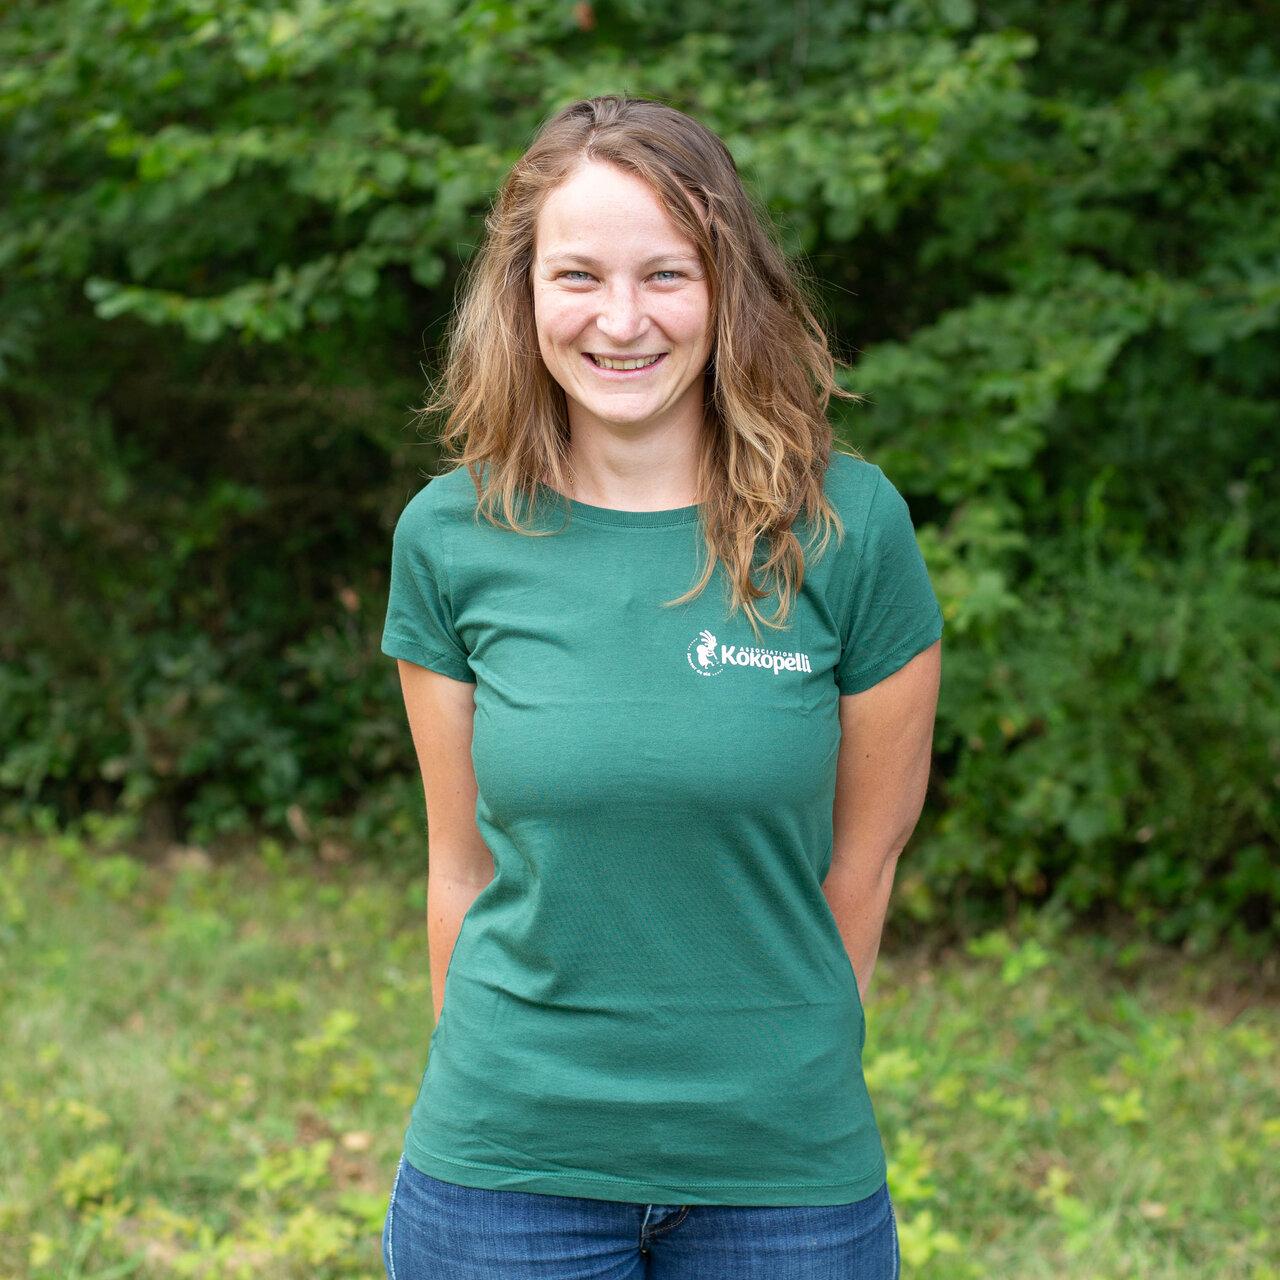 Vêtements - T-Shirt femme vert bouteille, taille M